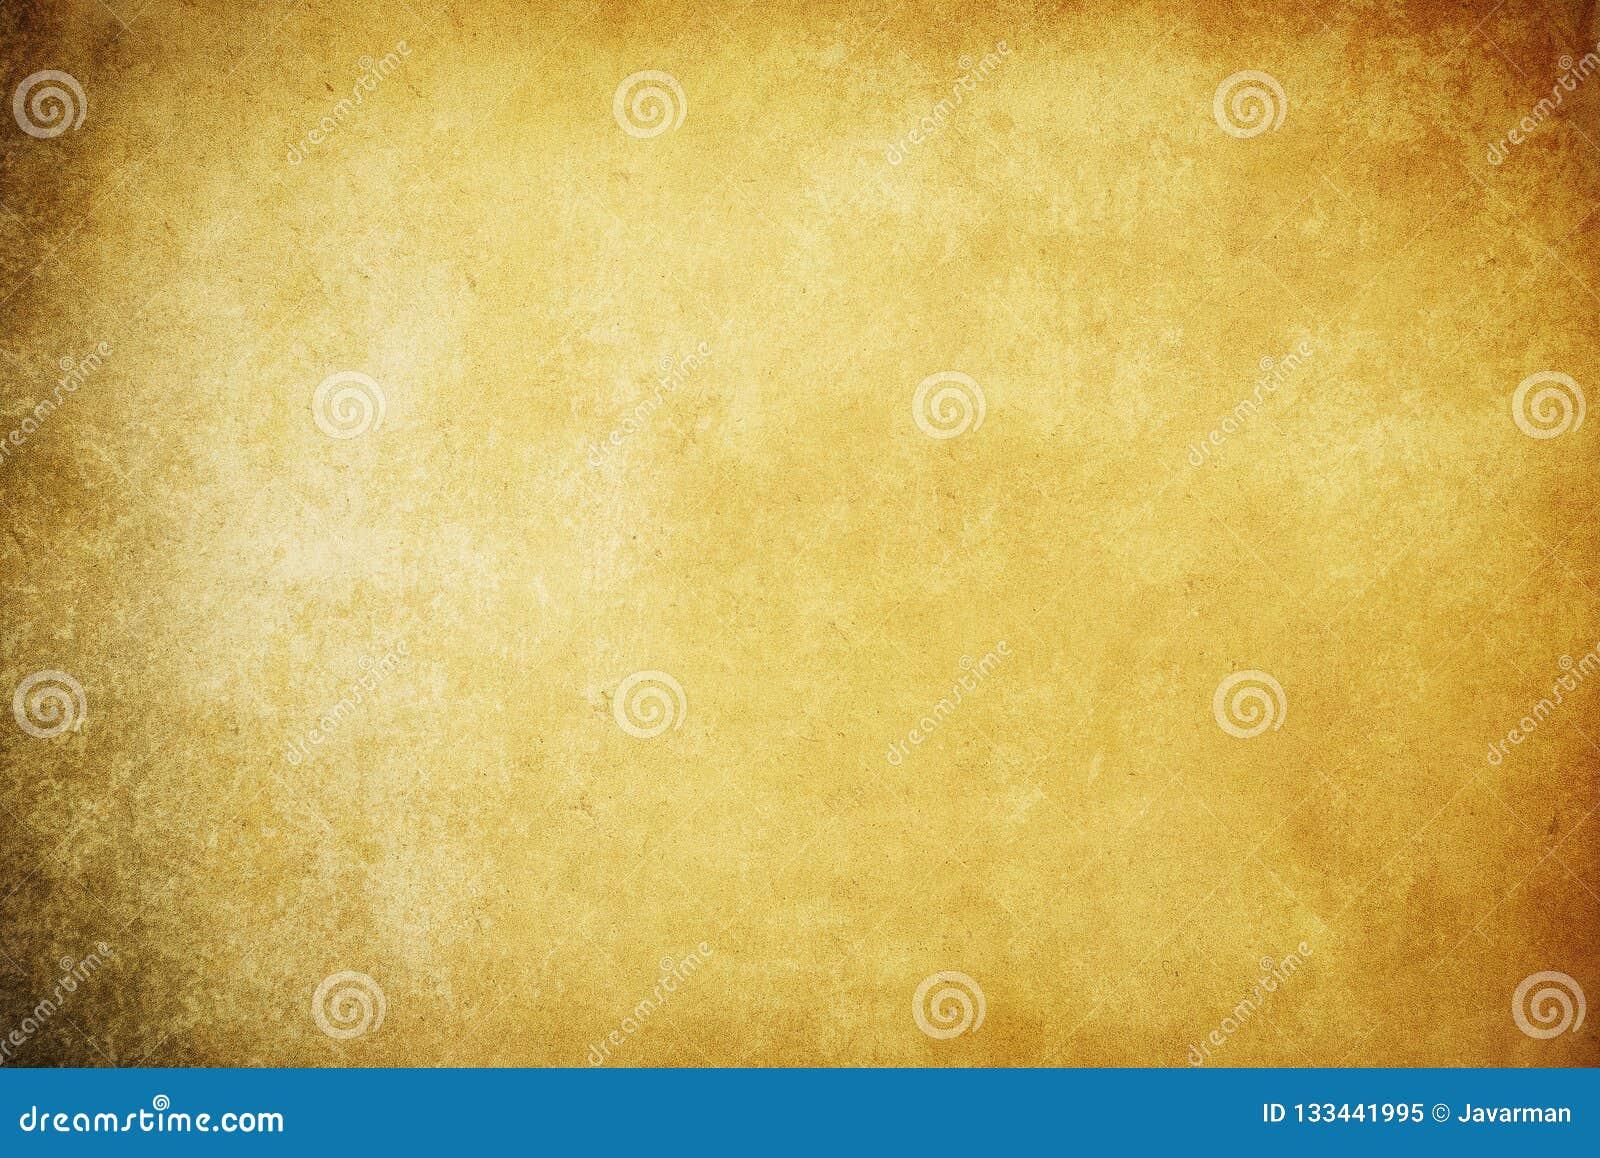 διαστημικός τρύγος κειμένων εγγράφου εικόνας